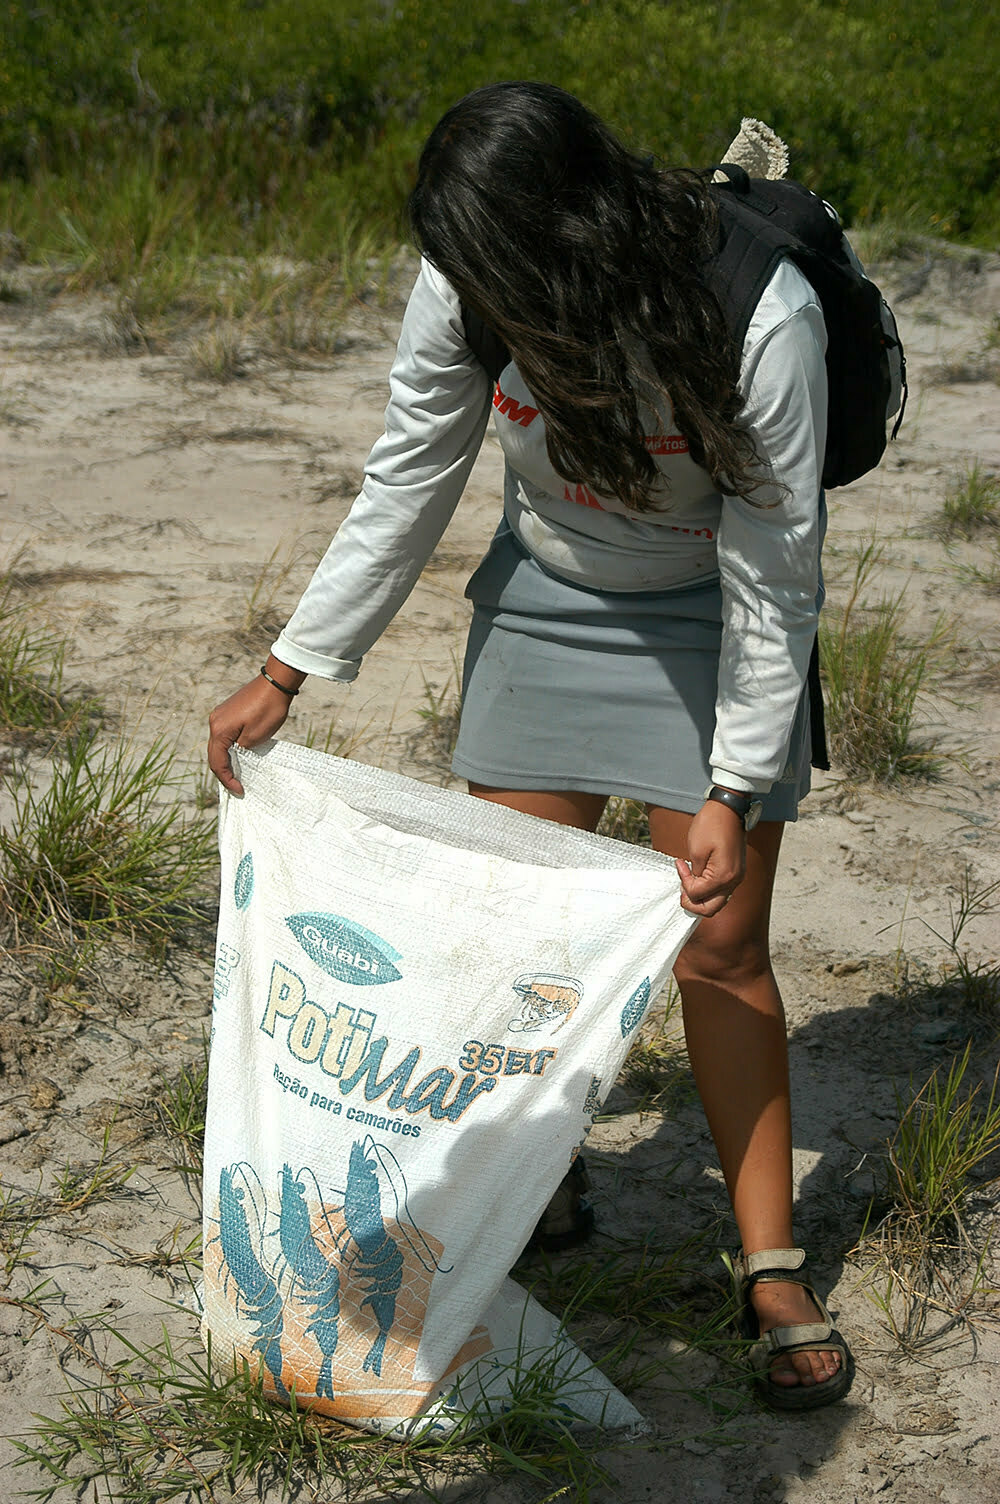 como faze-la sem prejudicar ainda mais a vida marinha, imagem de moça-e-ração-para-camarões-Bahia